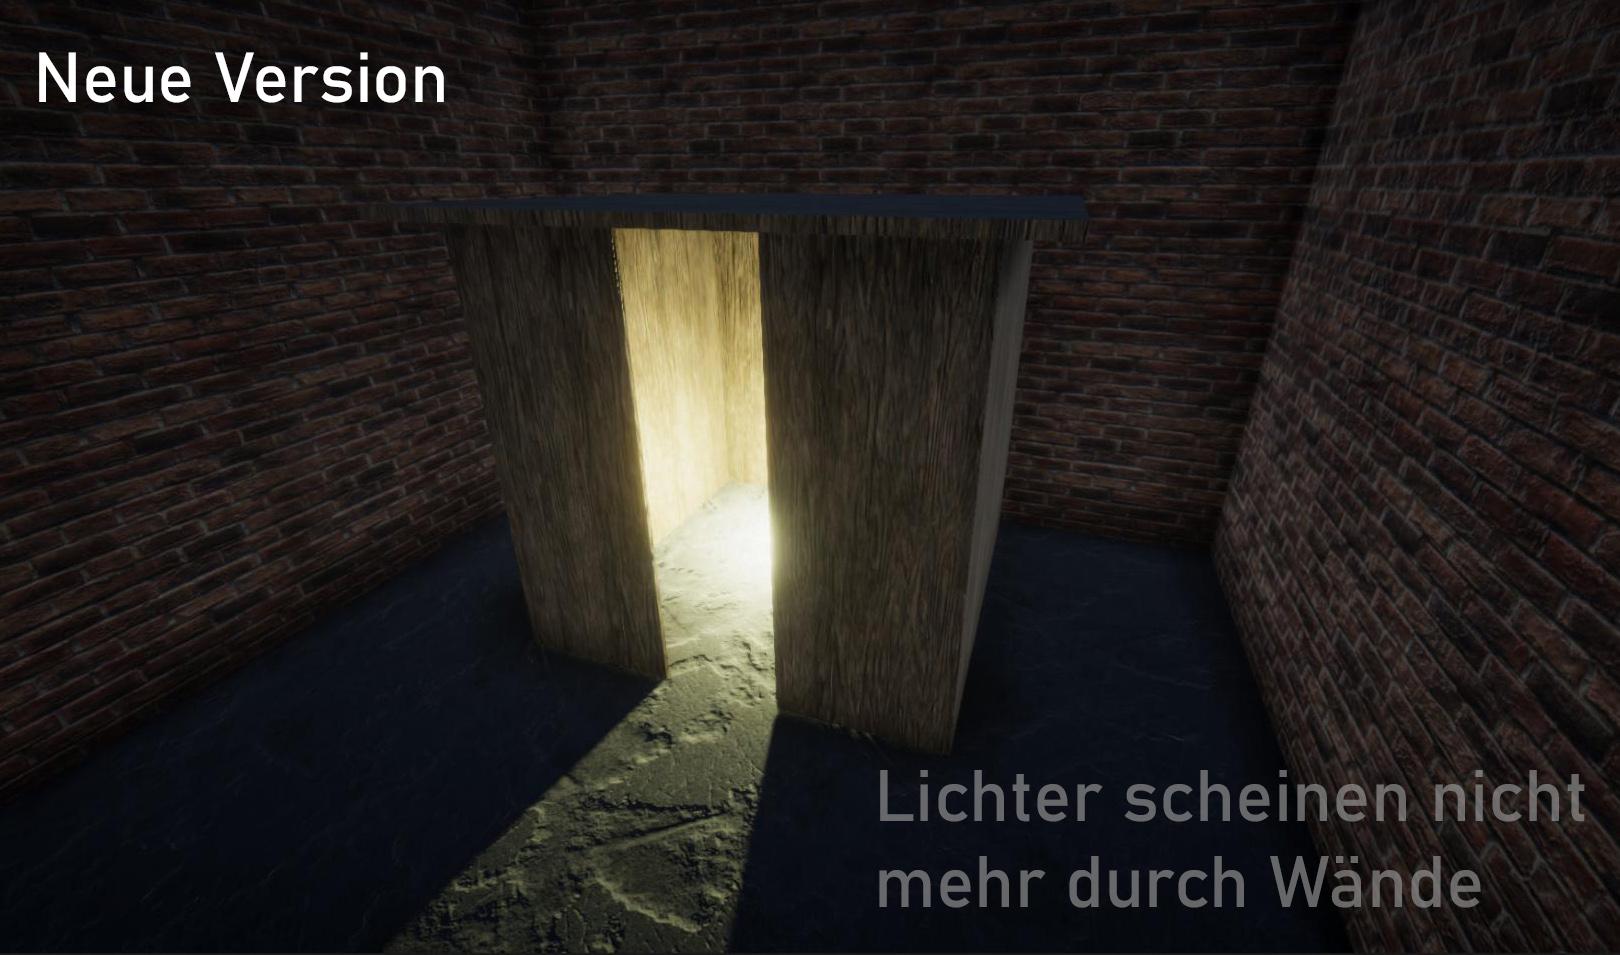 lighting03_de.jpg